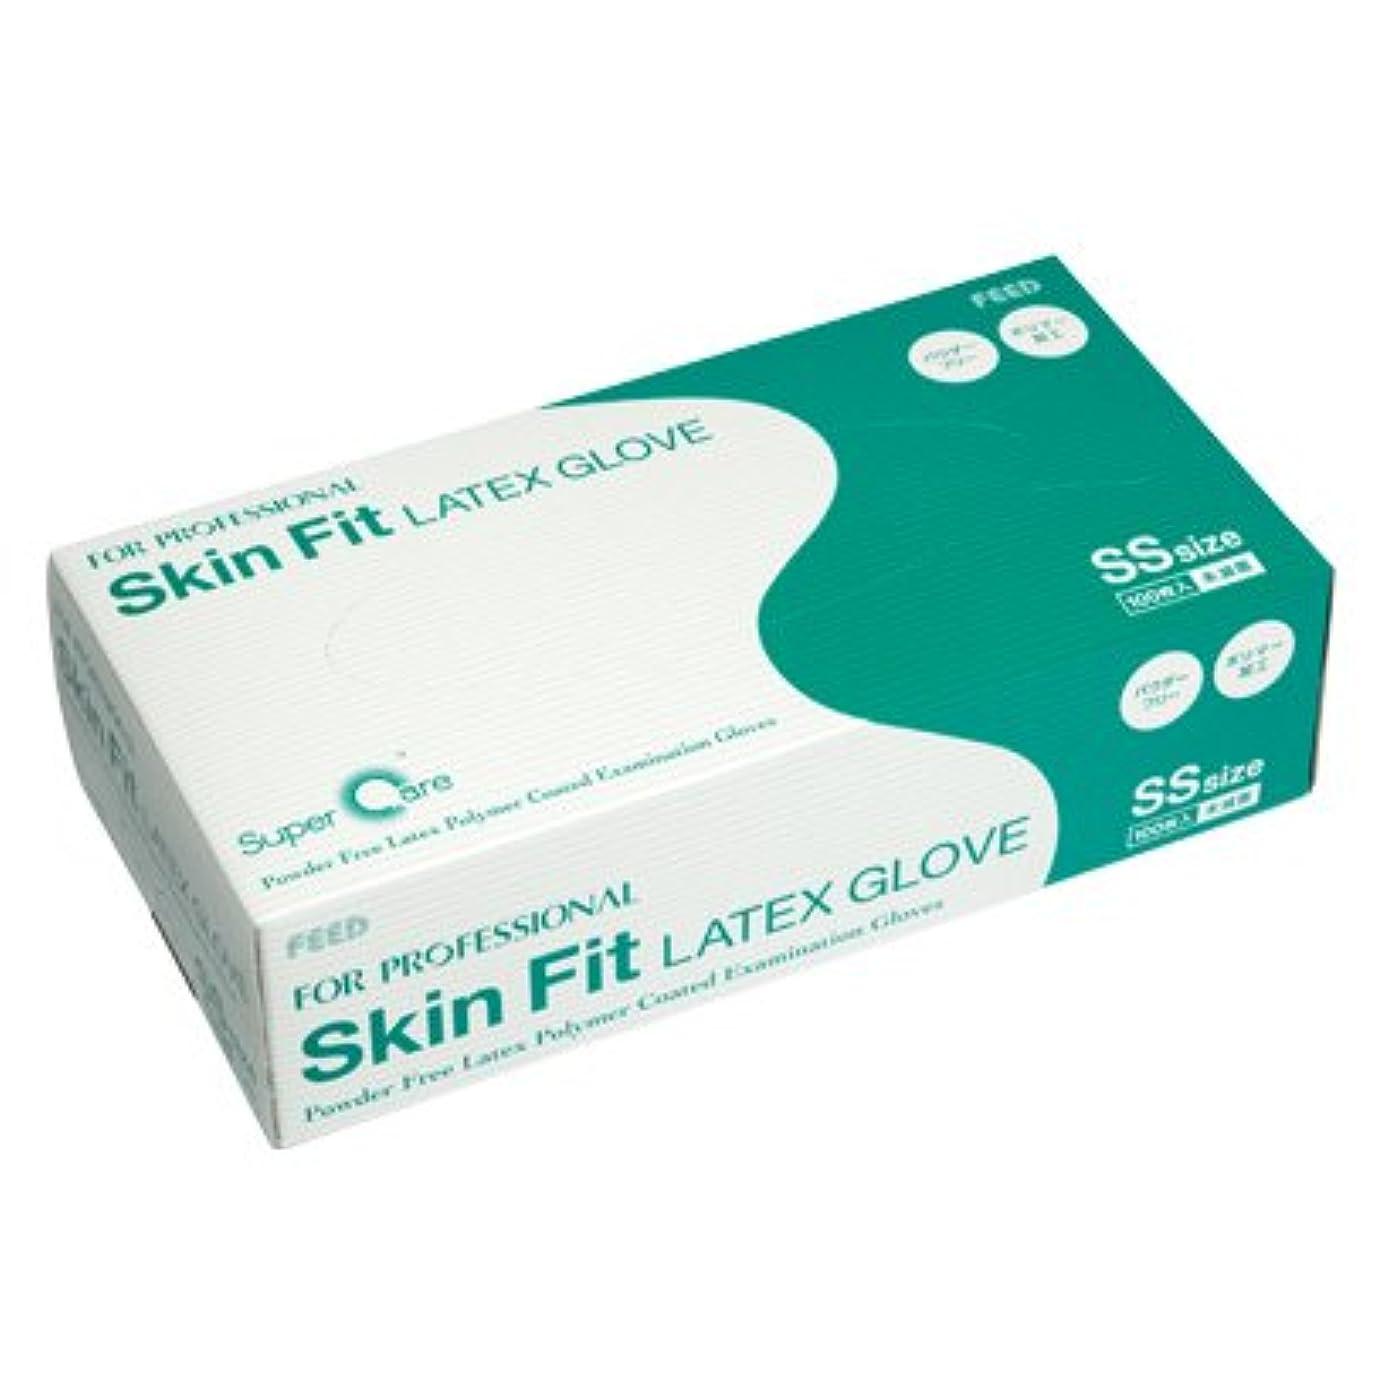 しゃがむ増強セッションFEED(フィード) Skin Fit ラテックスグローブ パウダーフリー ポリマー加工 SS カートン(10ケース) (医療機器)